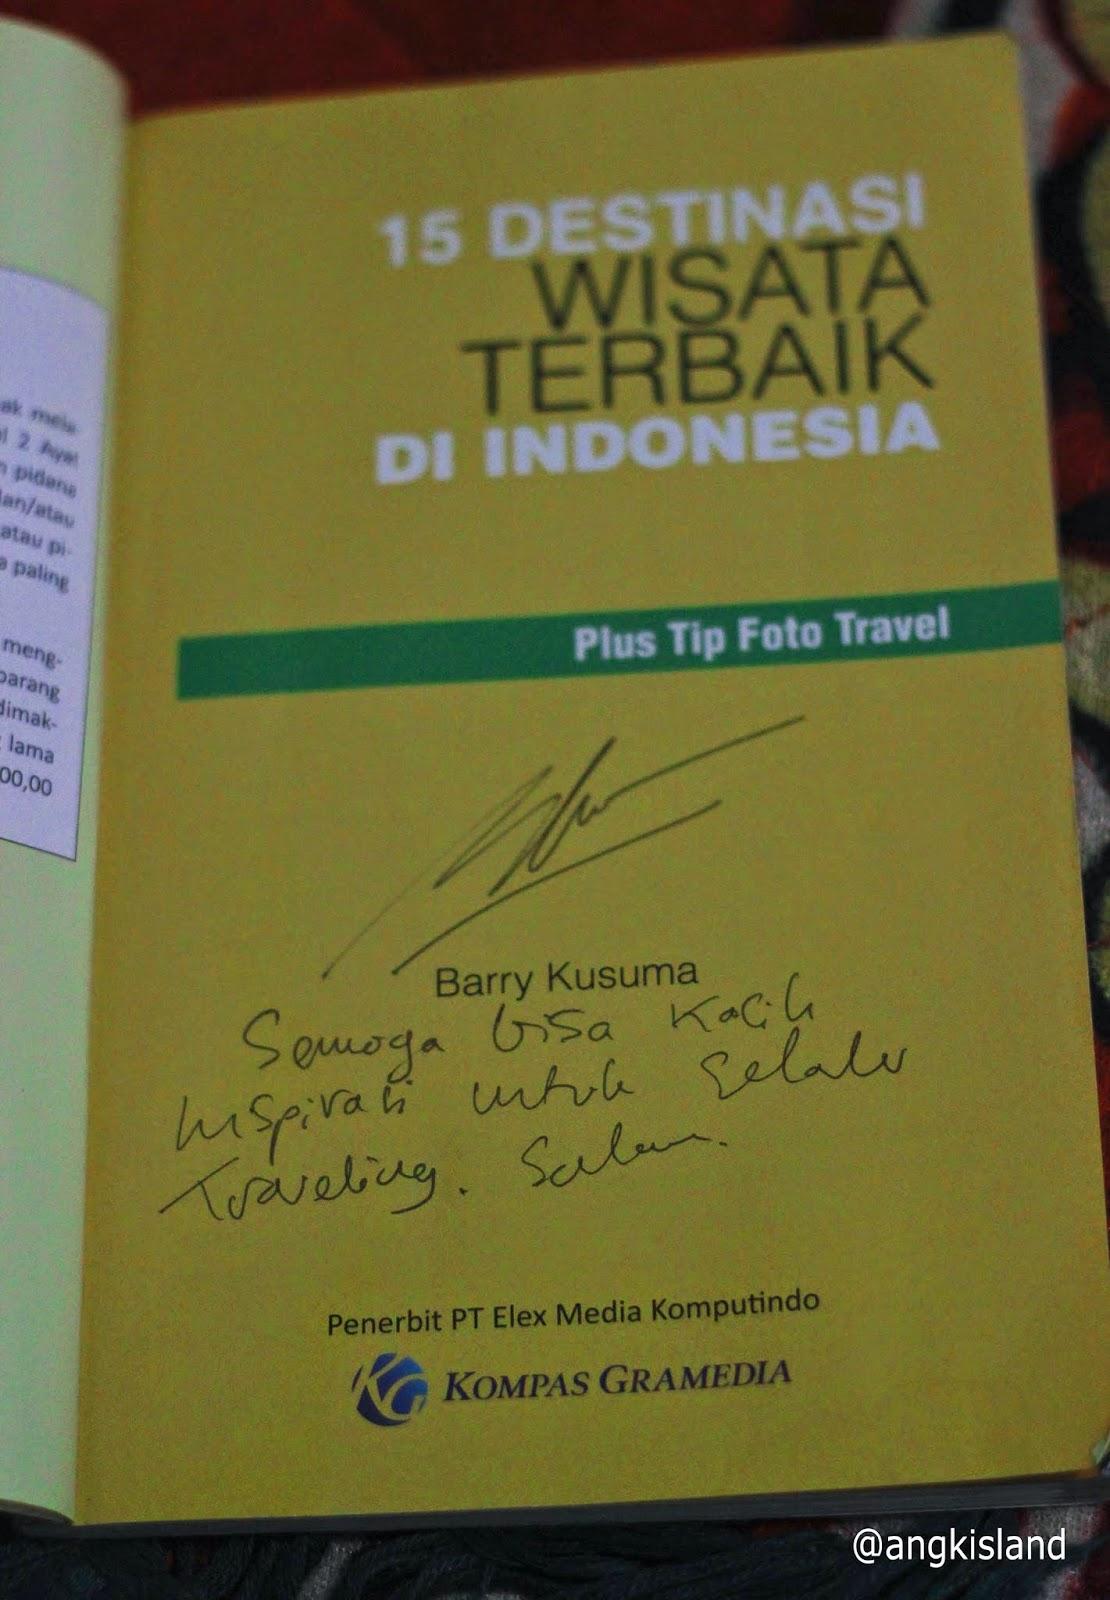 buku wisata gramedia